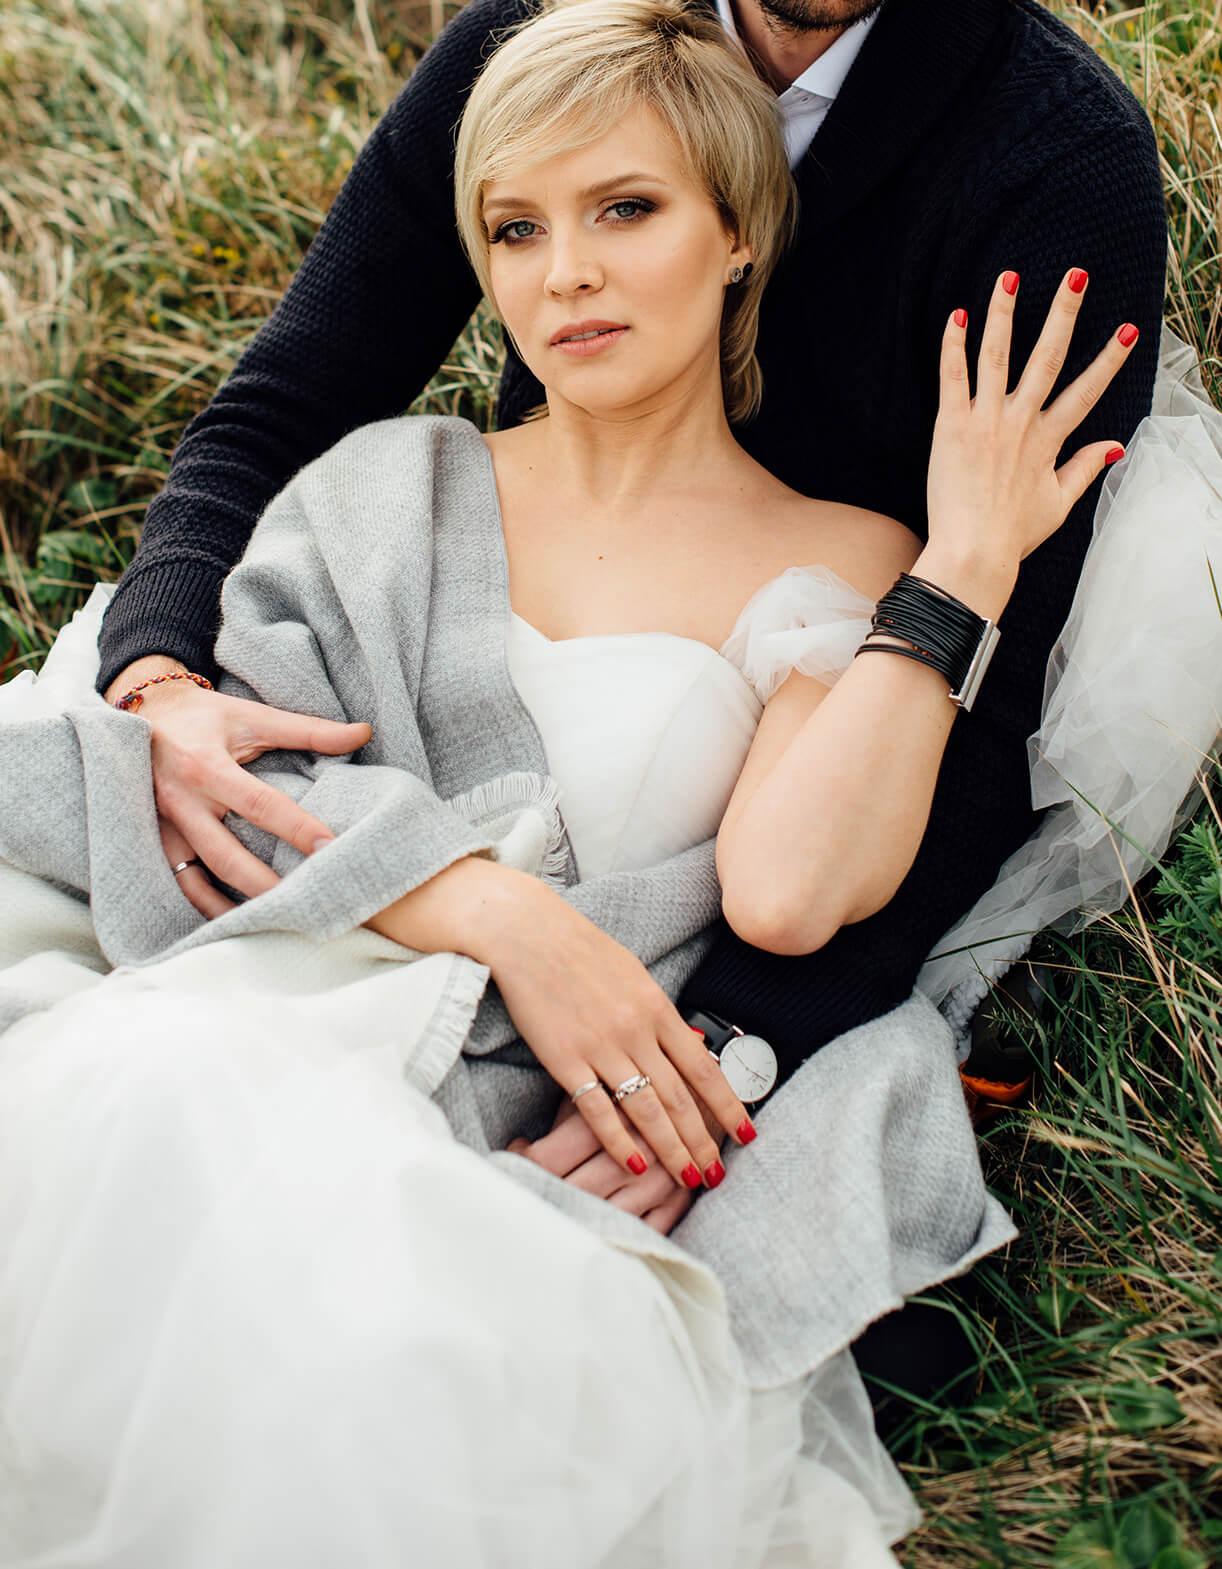 Невеста в объятиях жениха на траве. Свадебный макияж